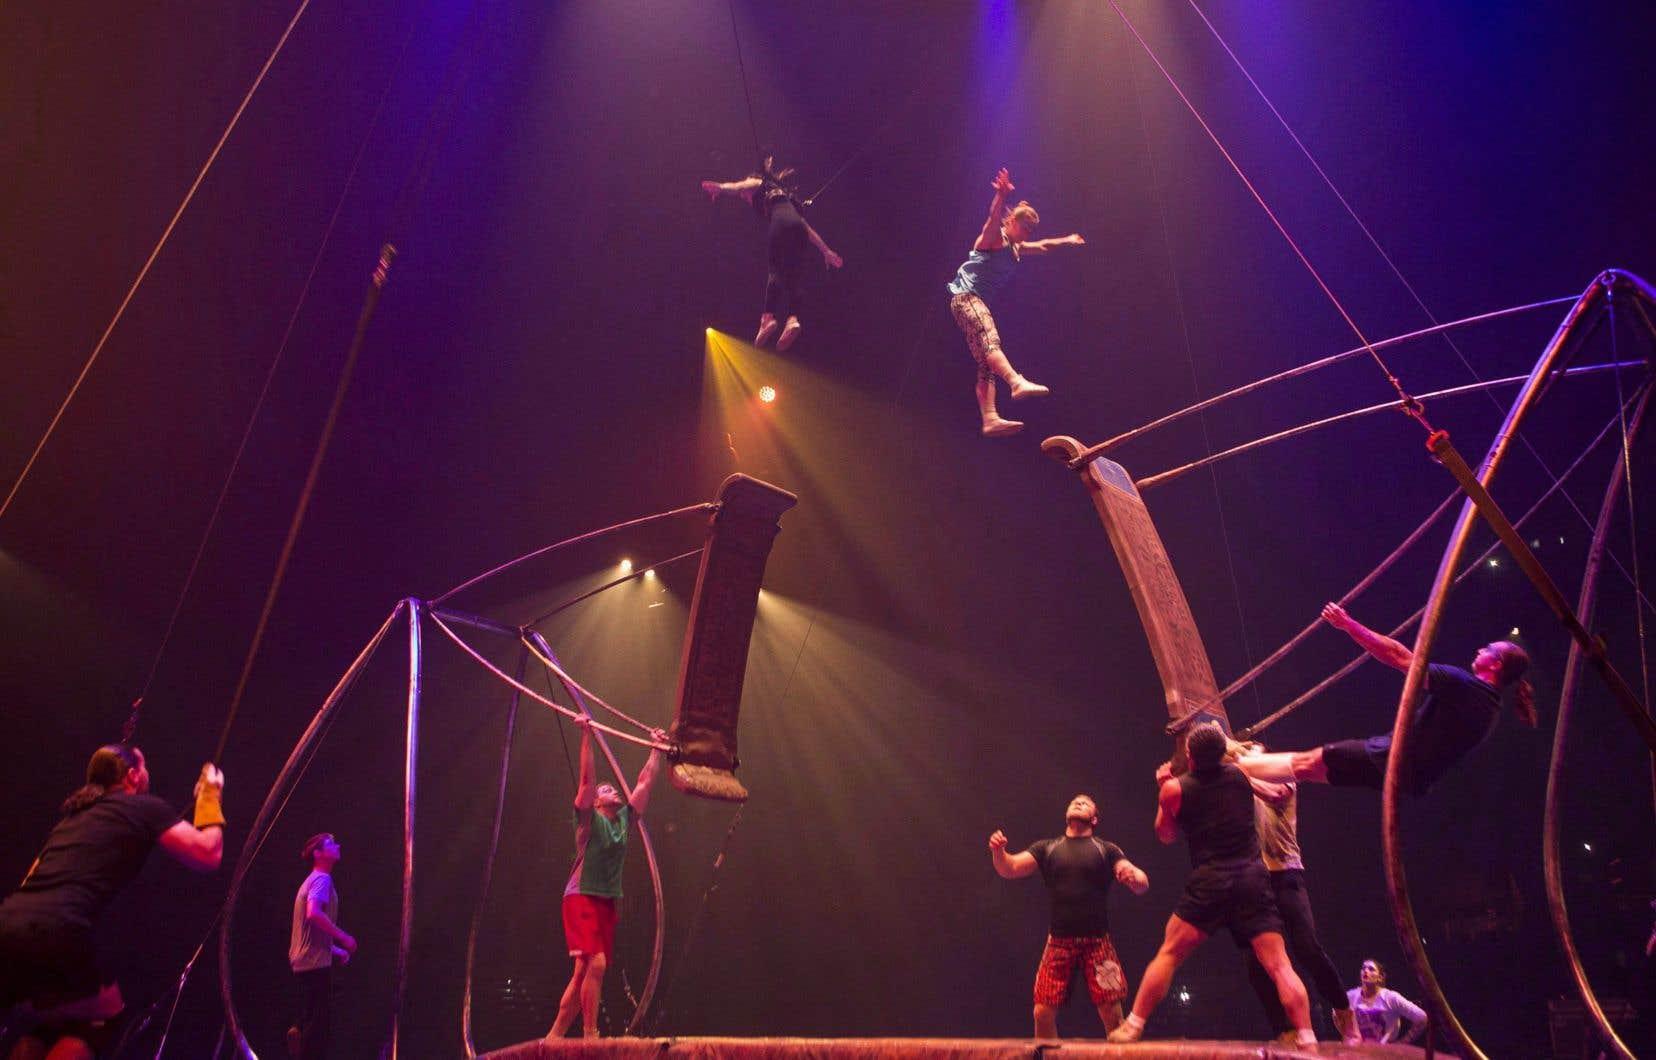 Les centres offriront des activités acrobatiques et artistiques inspirées du Cirque du Soleil.